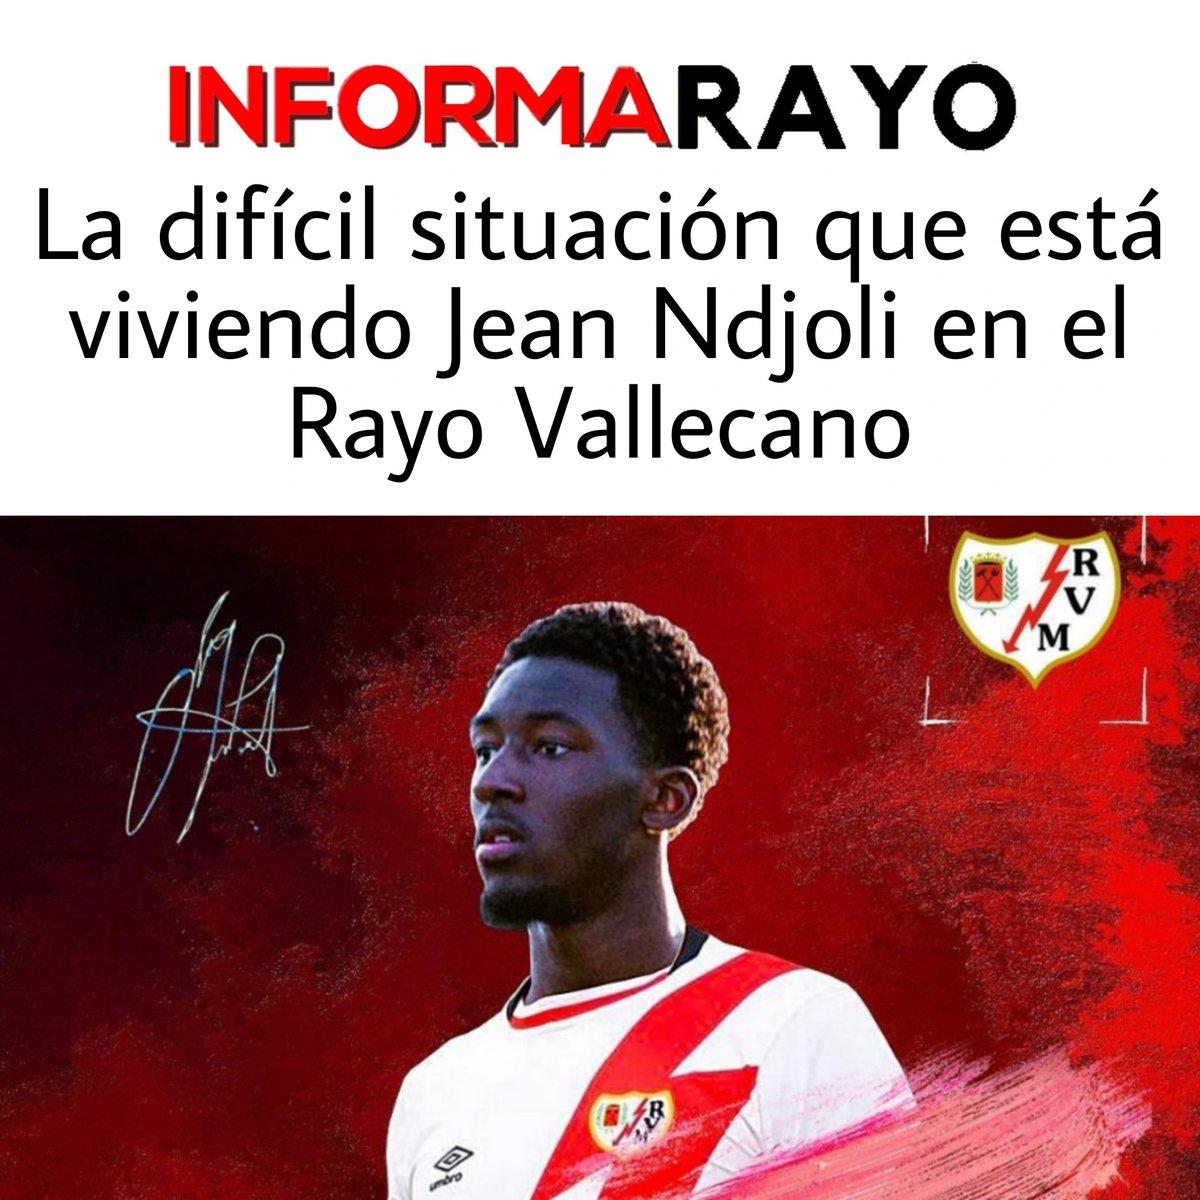 La triste realidad en pleno siglo XXI, el fútbol español no puede permitir que sucedan estas tristes y horribles cosas. No se puede jugar con la vida de la gente ni con sus sueños y traerlos lejos de su casa y que pase todo esto!